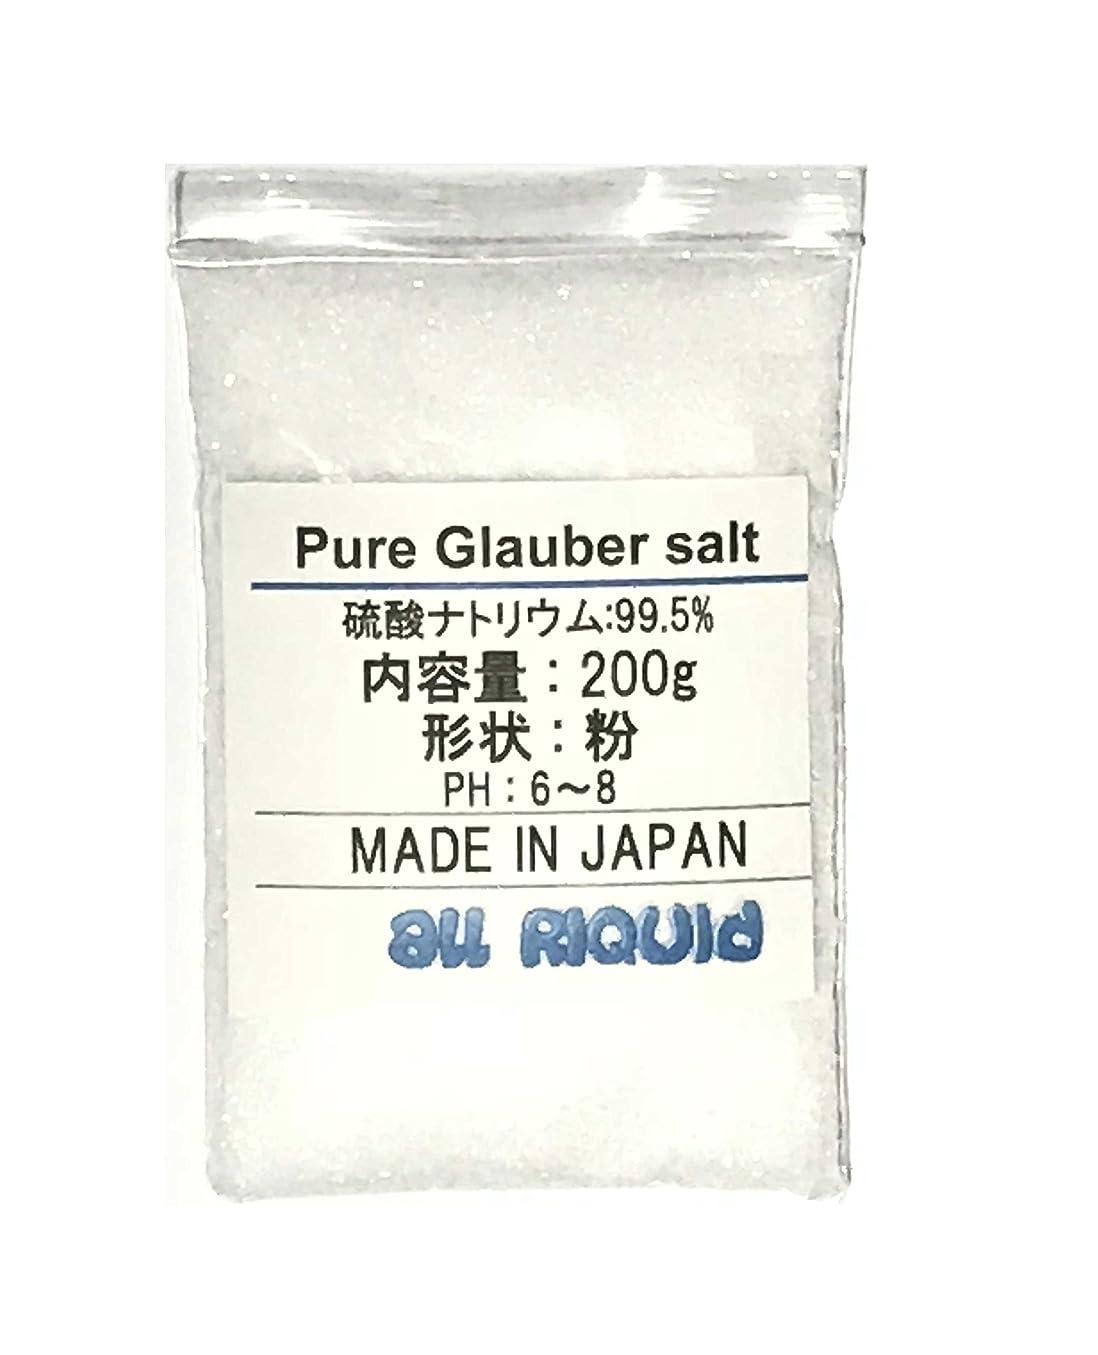 花瓶はさみ問題純 グラウバーソルト 200g (硫酸ナトリウム) 10回分 99.5% 国産品 オールリキッド 芒硝